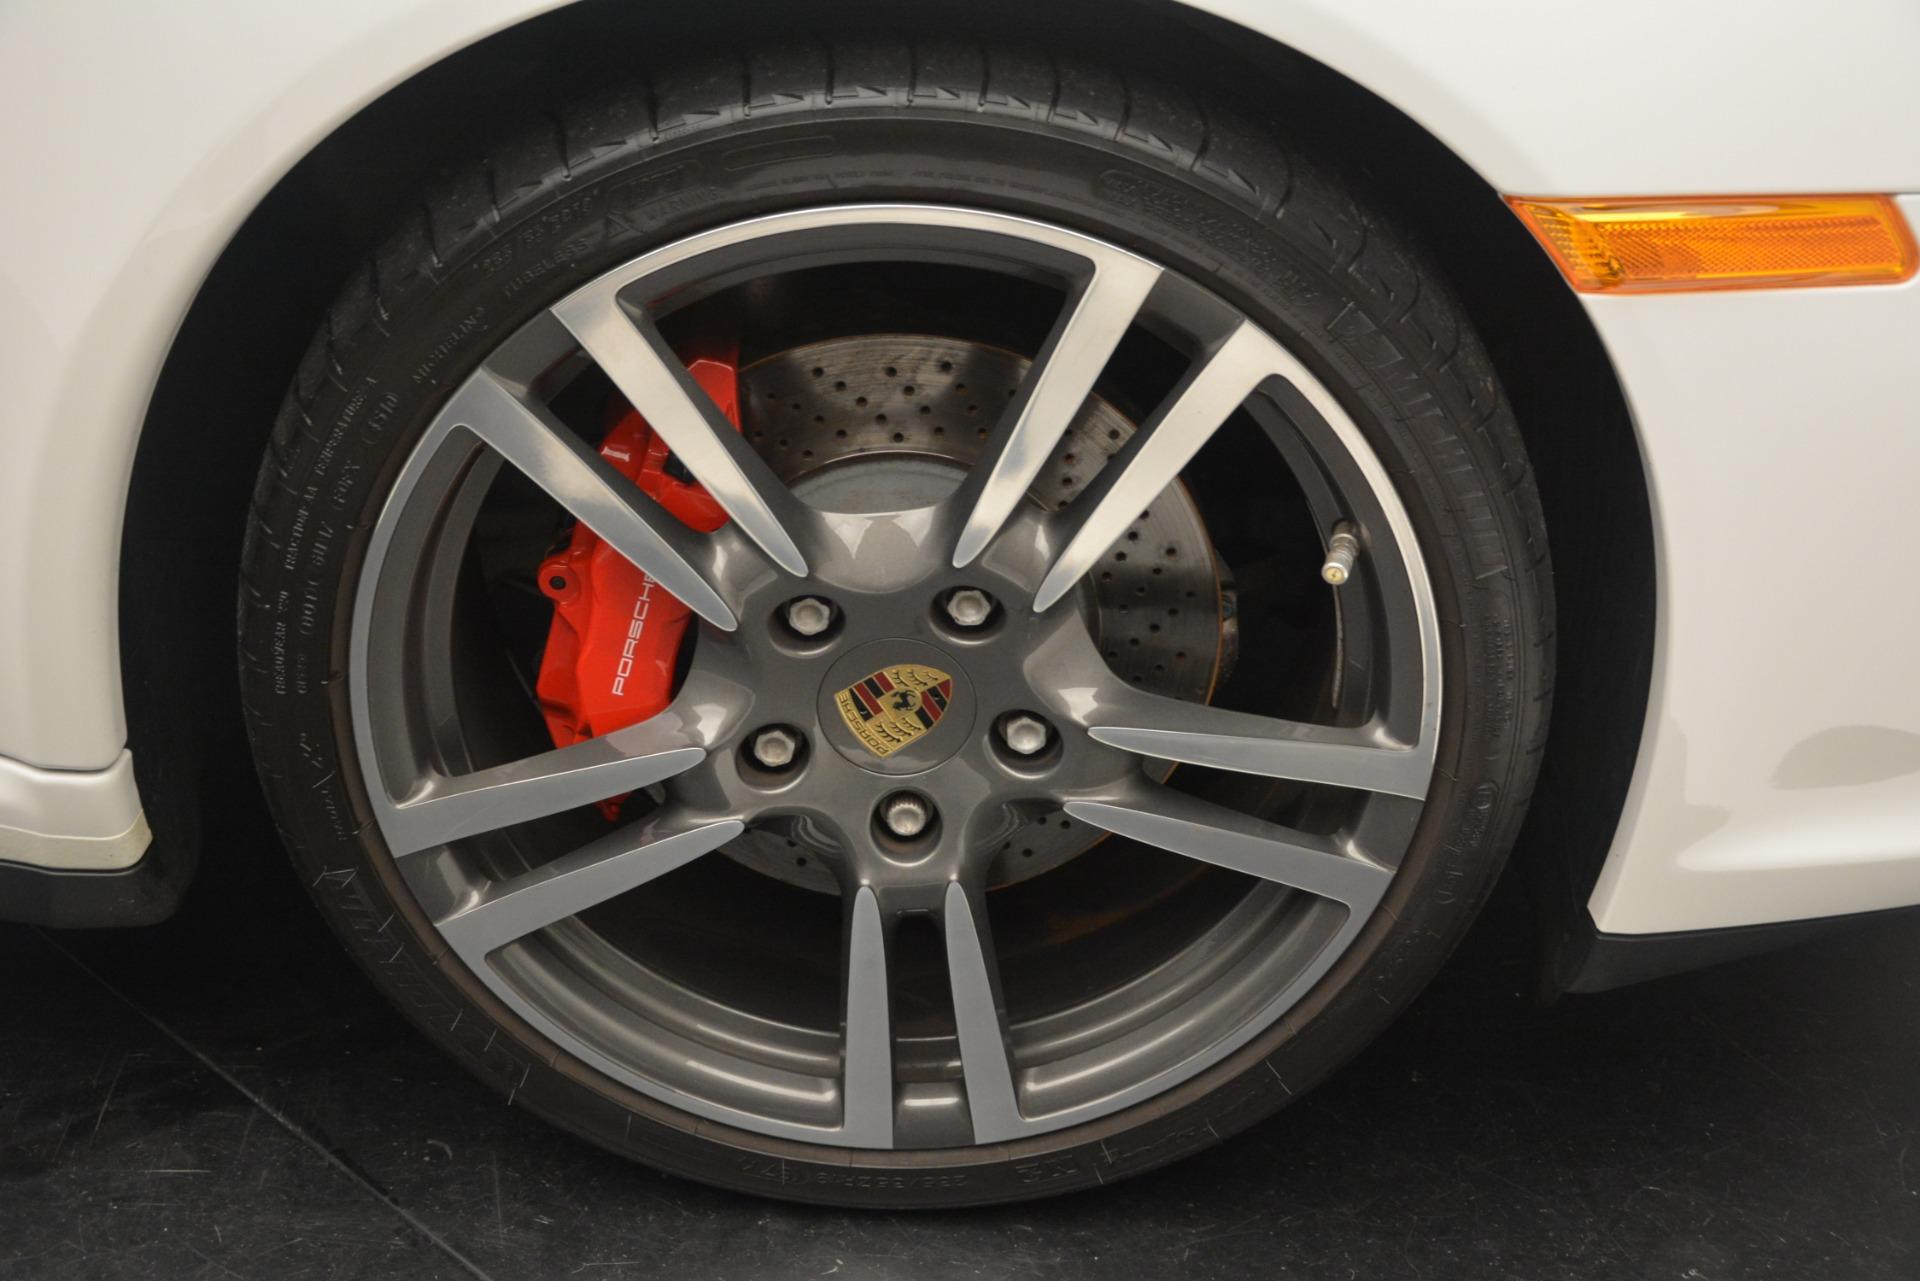 Used 2011 Porsche 911 Carrera 4S For Sale In Greenwich, CT 2600_p26